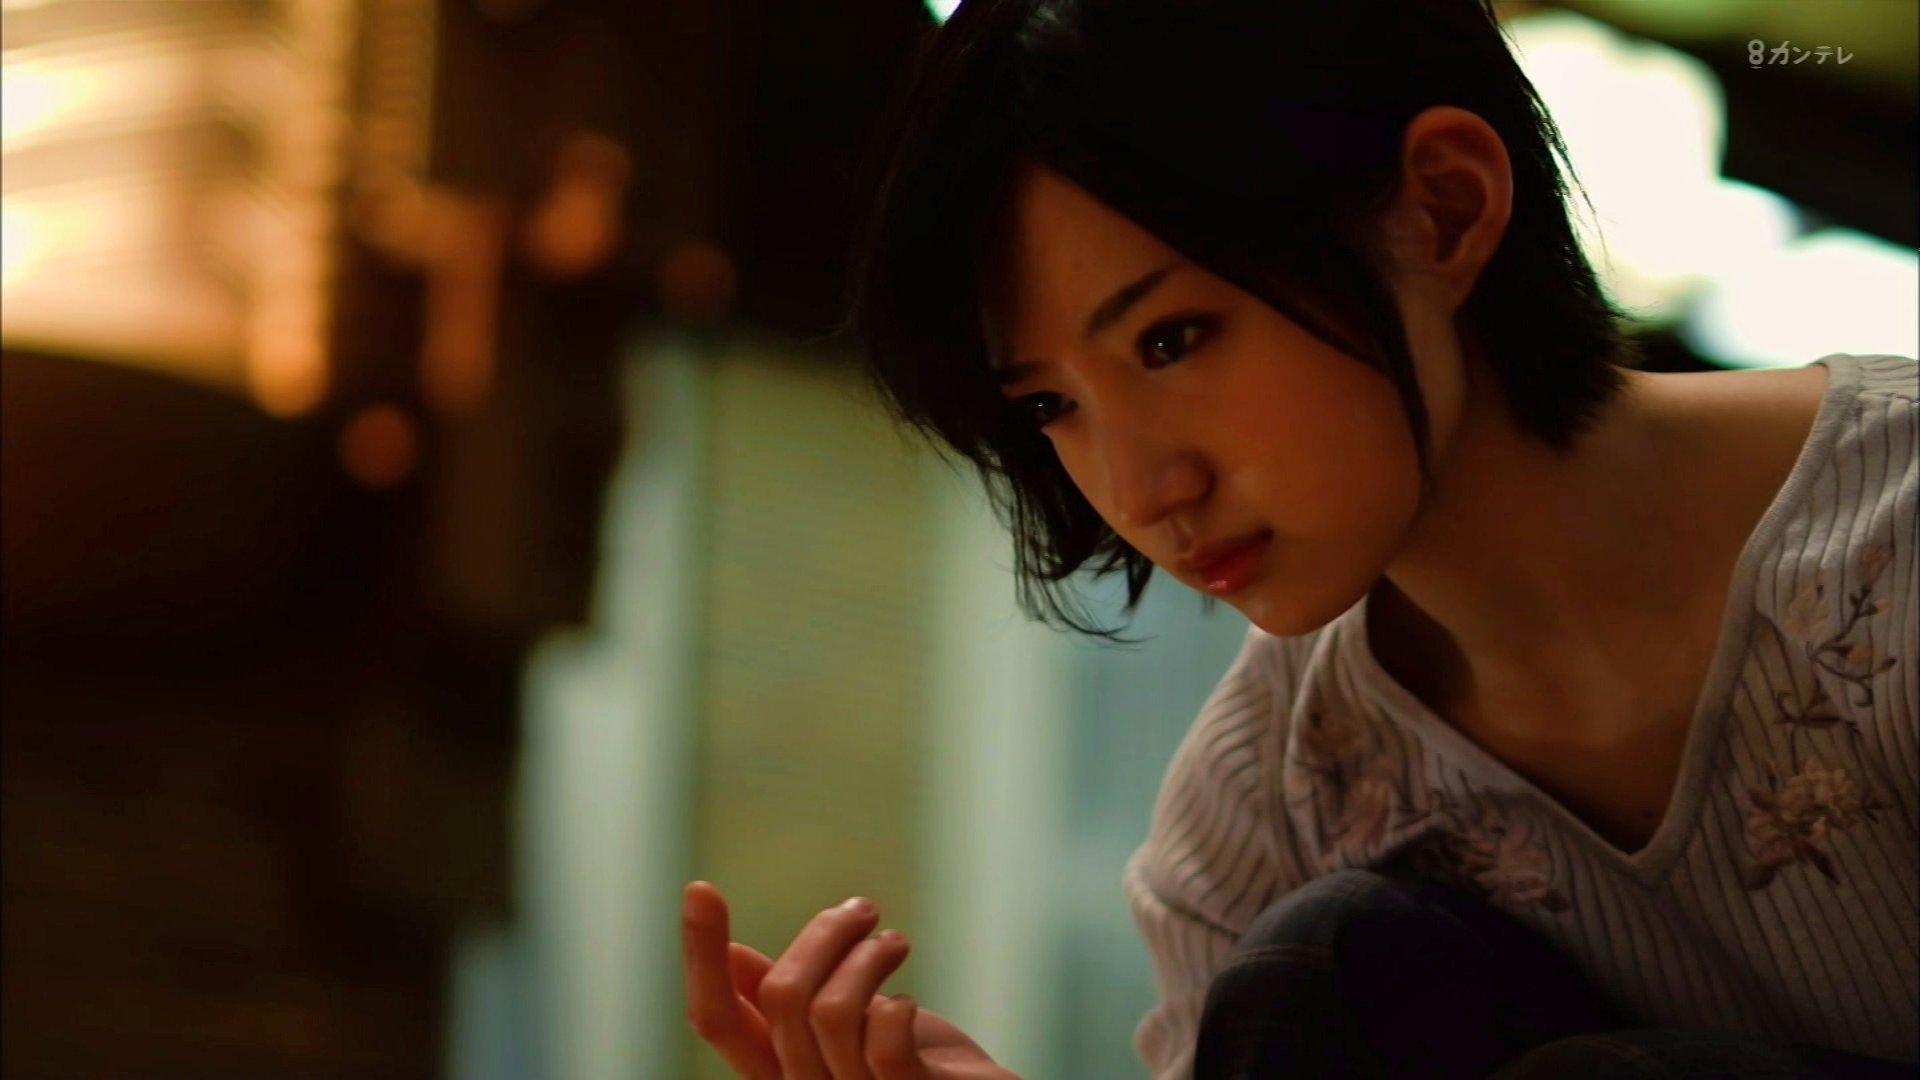 【太田夢莉】ゆーり出演6月20日《ミナミの帝王ZERO・ 銭の九「誘発」》の画像